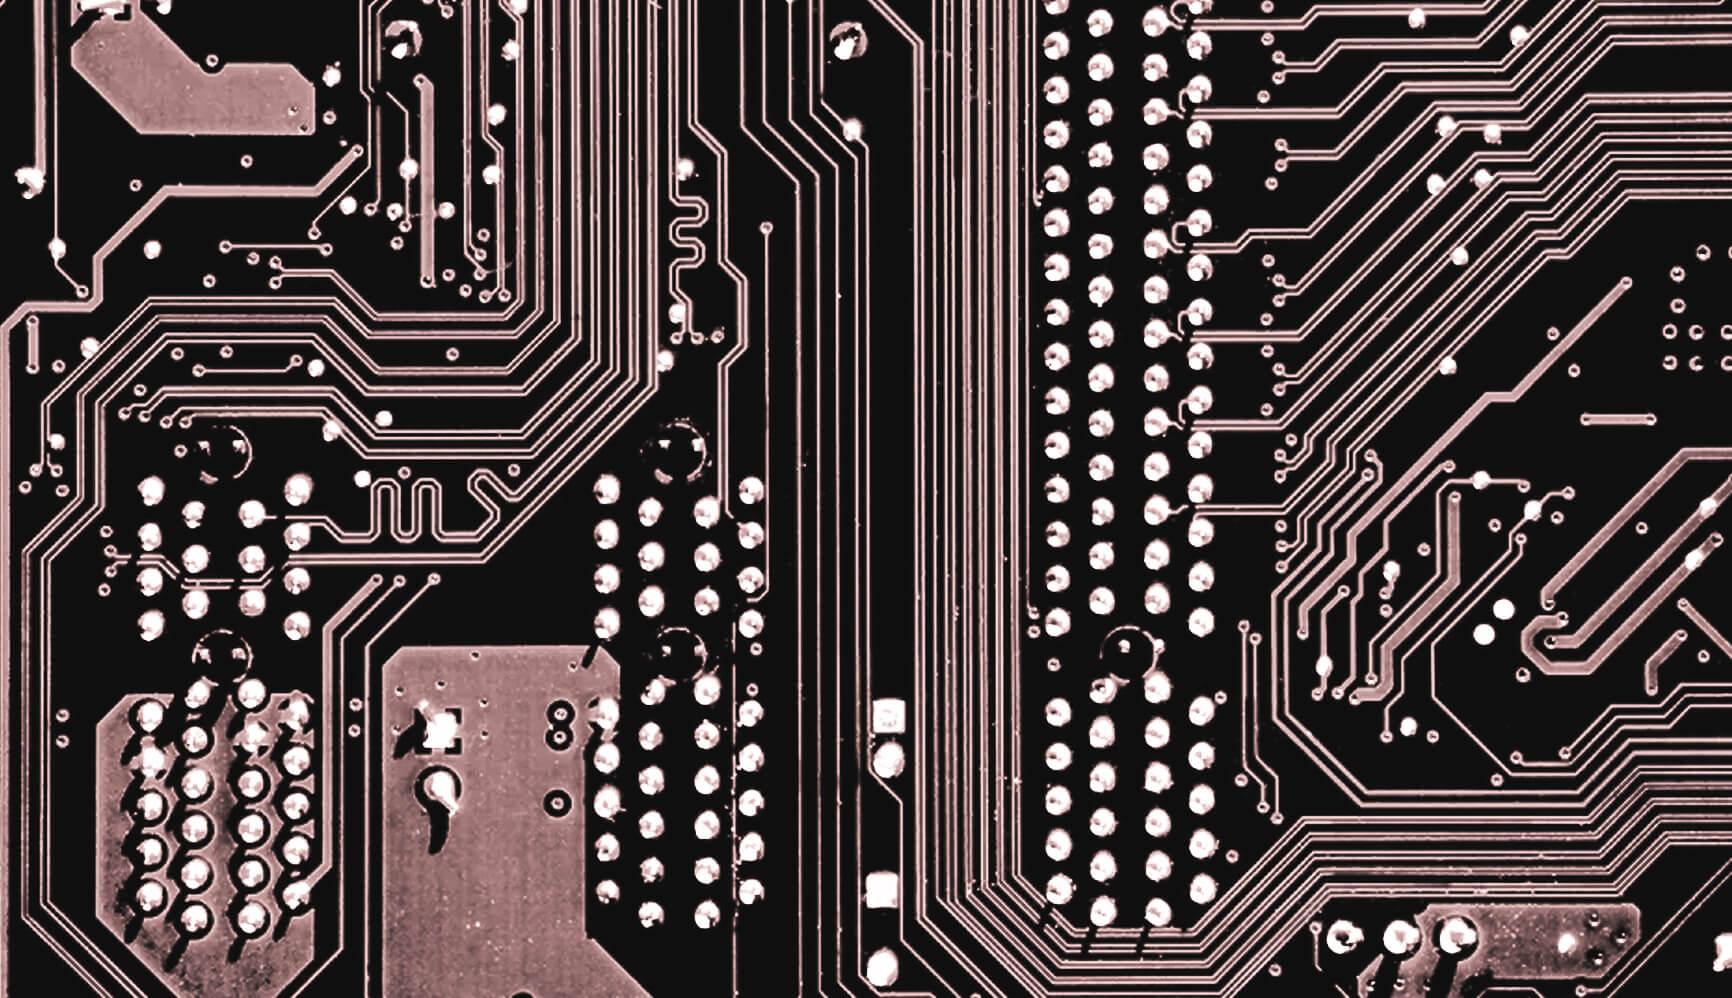 fiabilité électronique composants